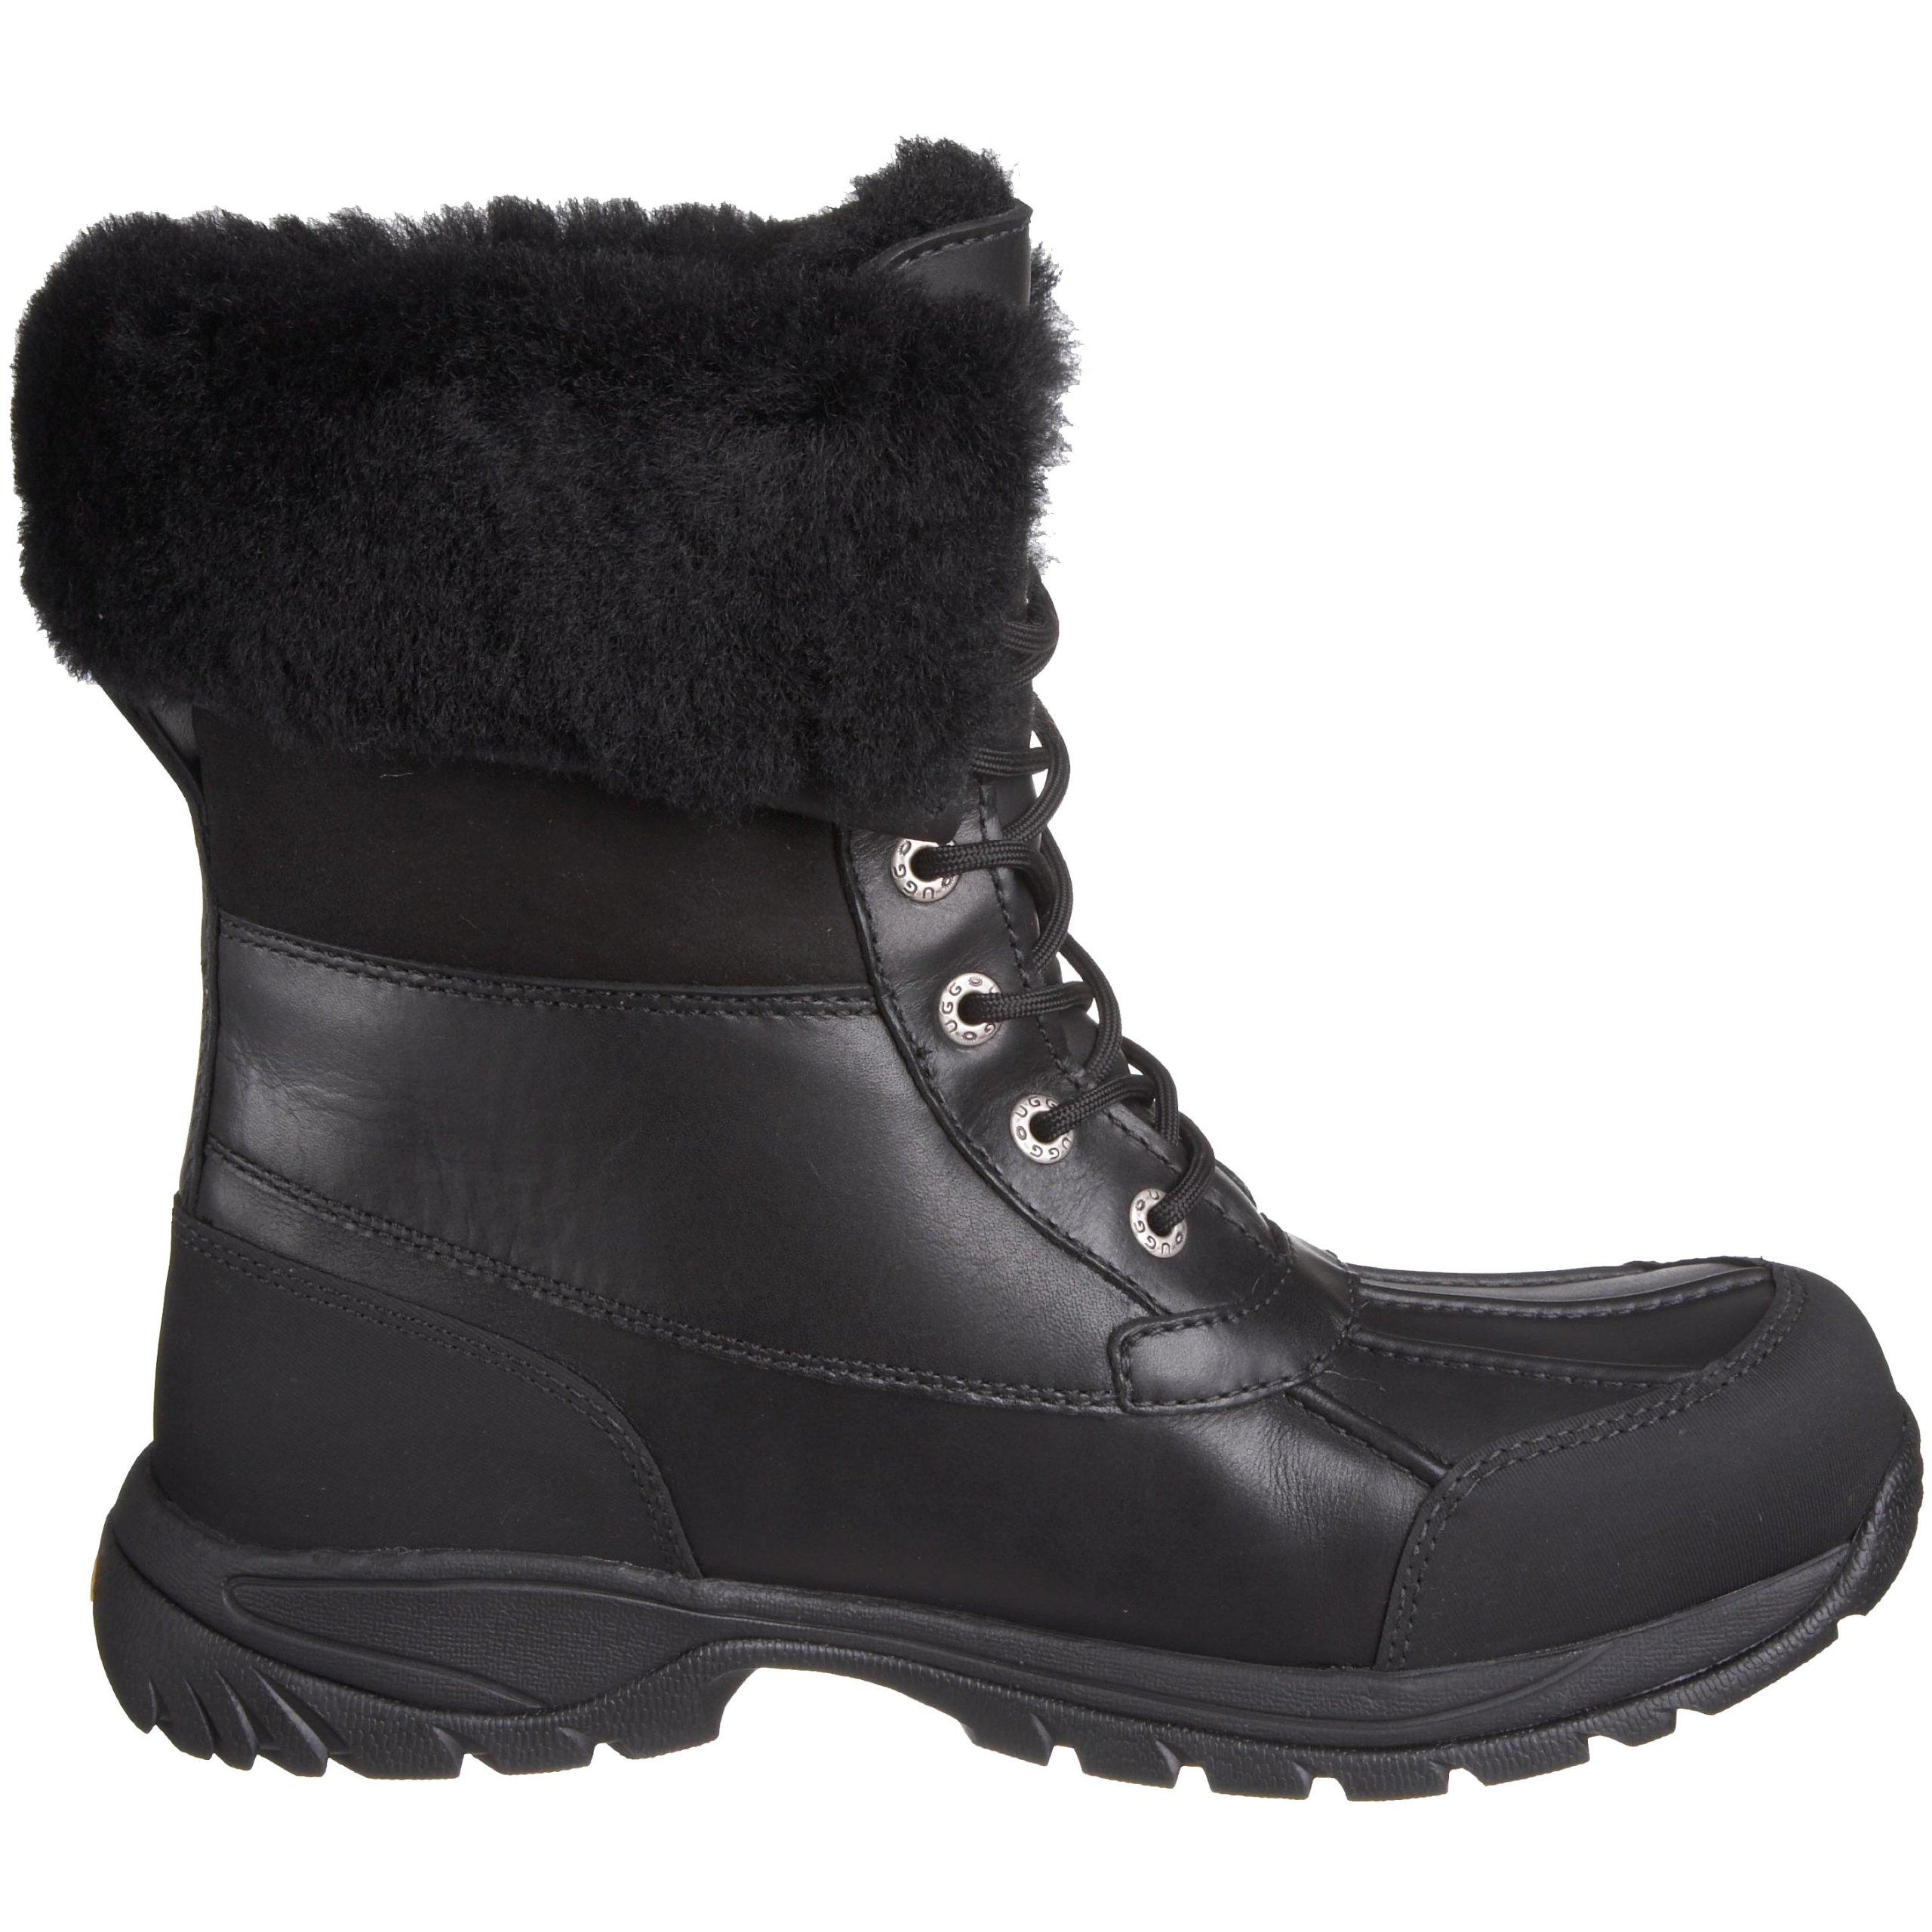 UGG Men's Butte Snow Boot, Black, 11 M US by UGG (Image #6)